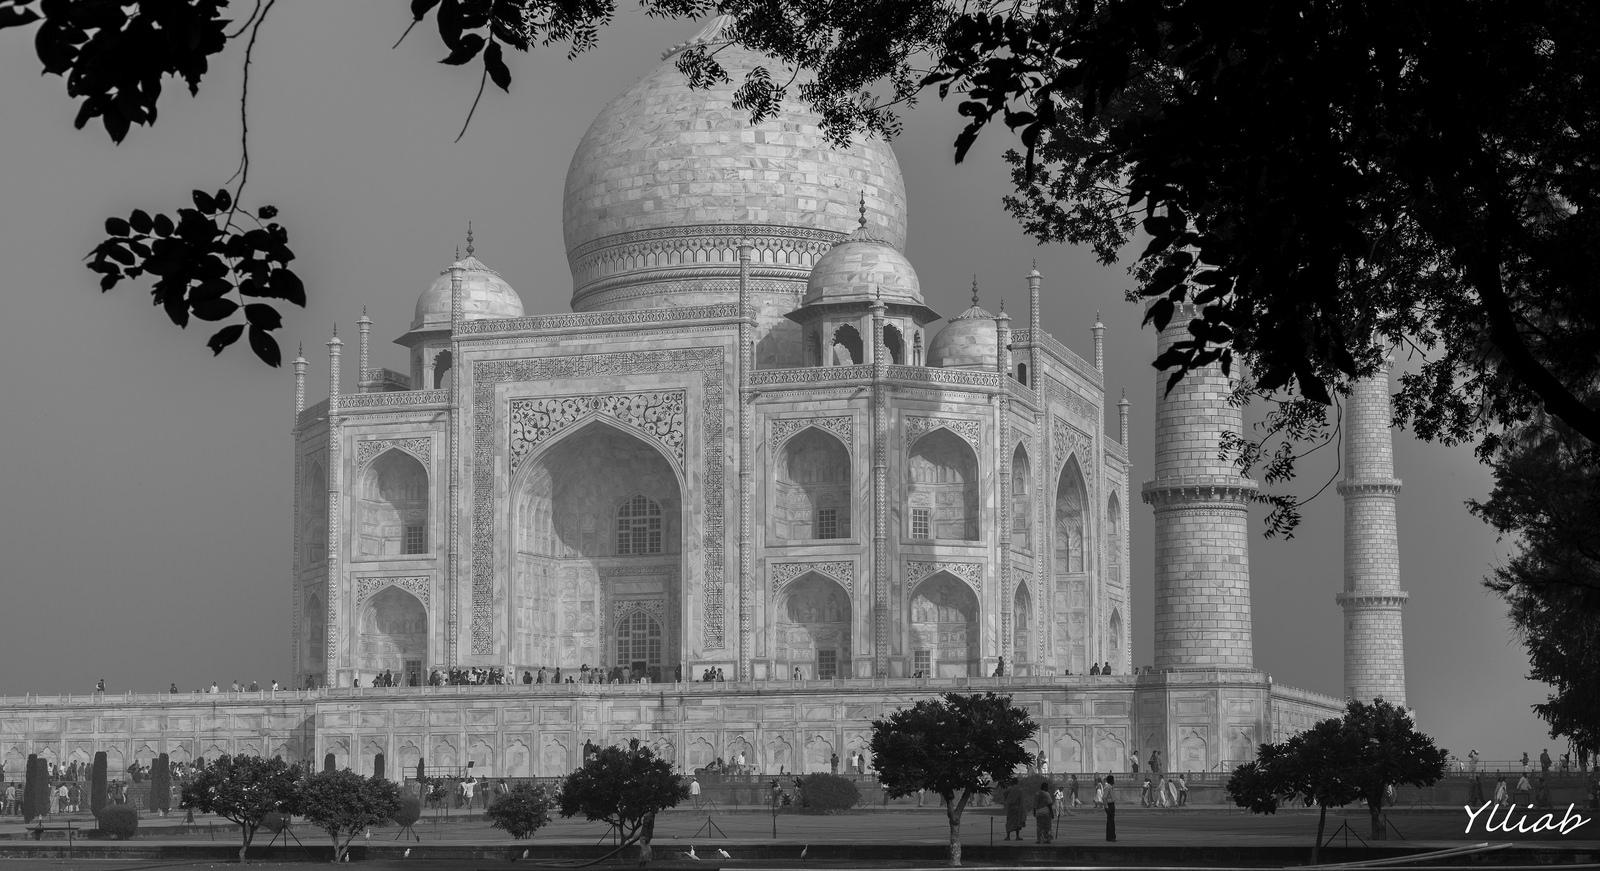 The Taj Mahal*